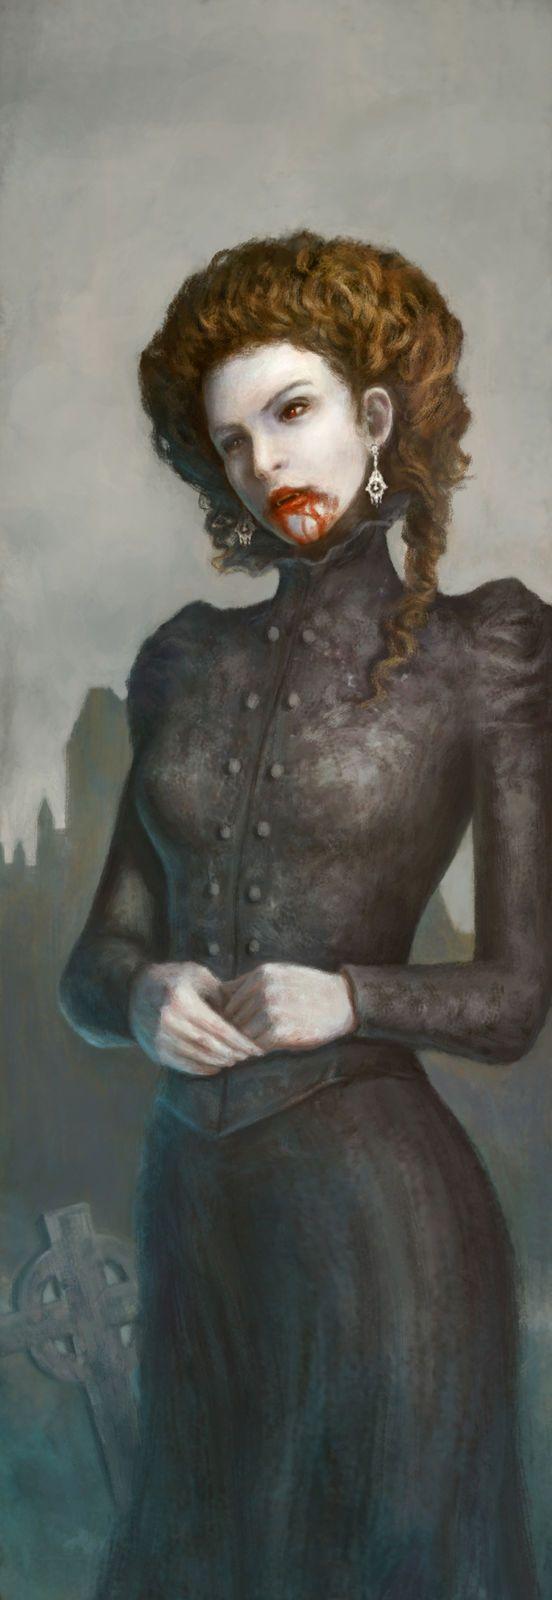 Erzsebet Bathory (1560~1614)